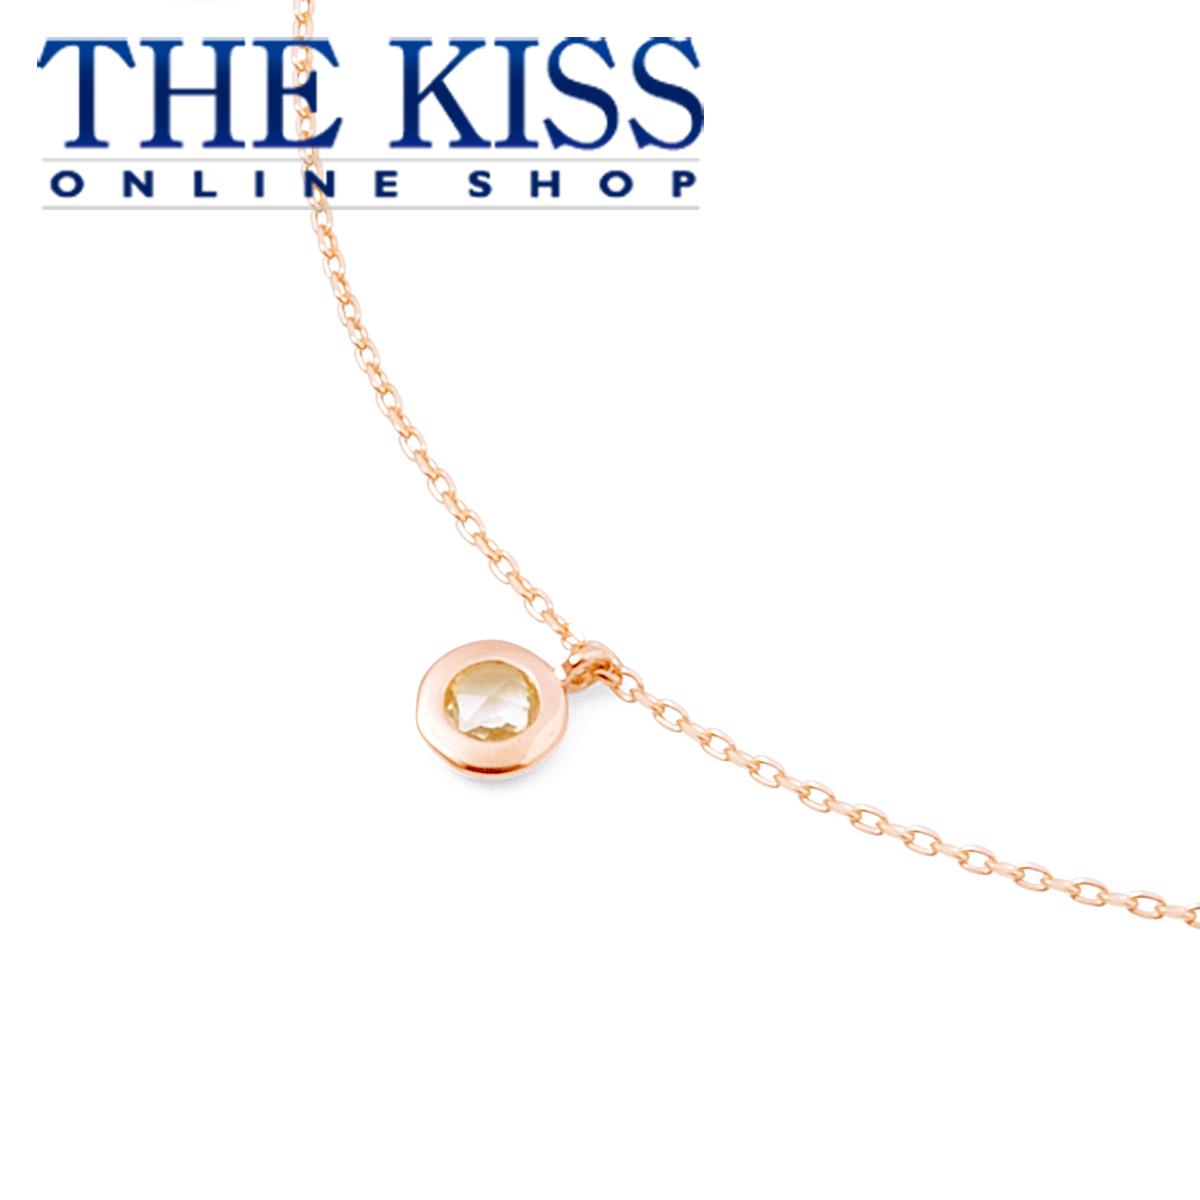 【あす楽対応】【送料無料】【THE KISS sweets】 K10ピンクゴールド レディース ブレスレット 18cm ☆ クォーツ ゴールド レディース ブレスレット ブランド GOLD Ladies Bracelet